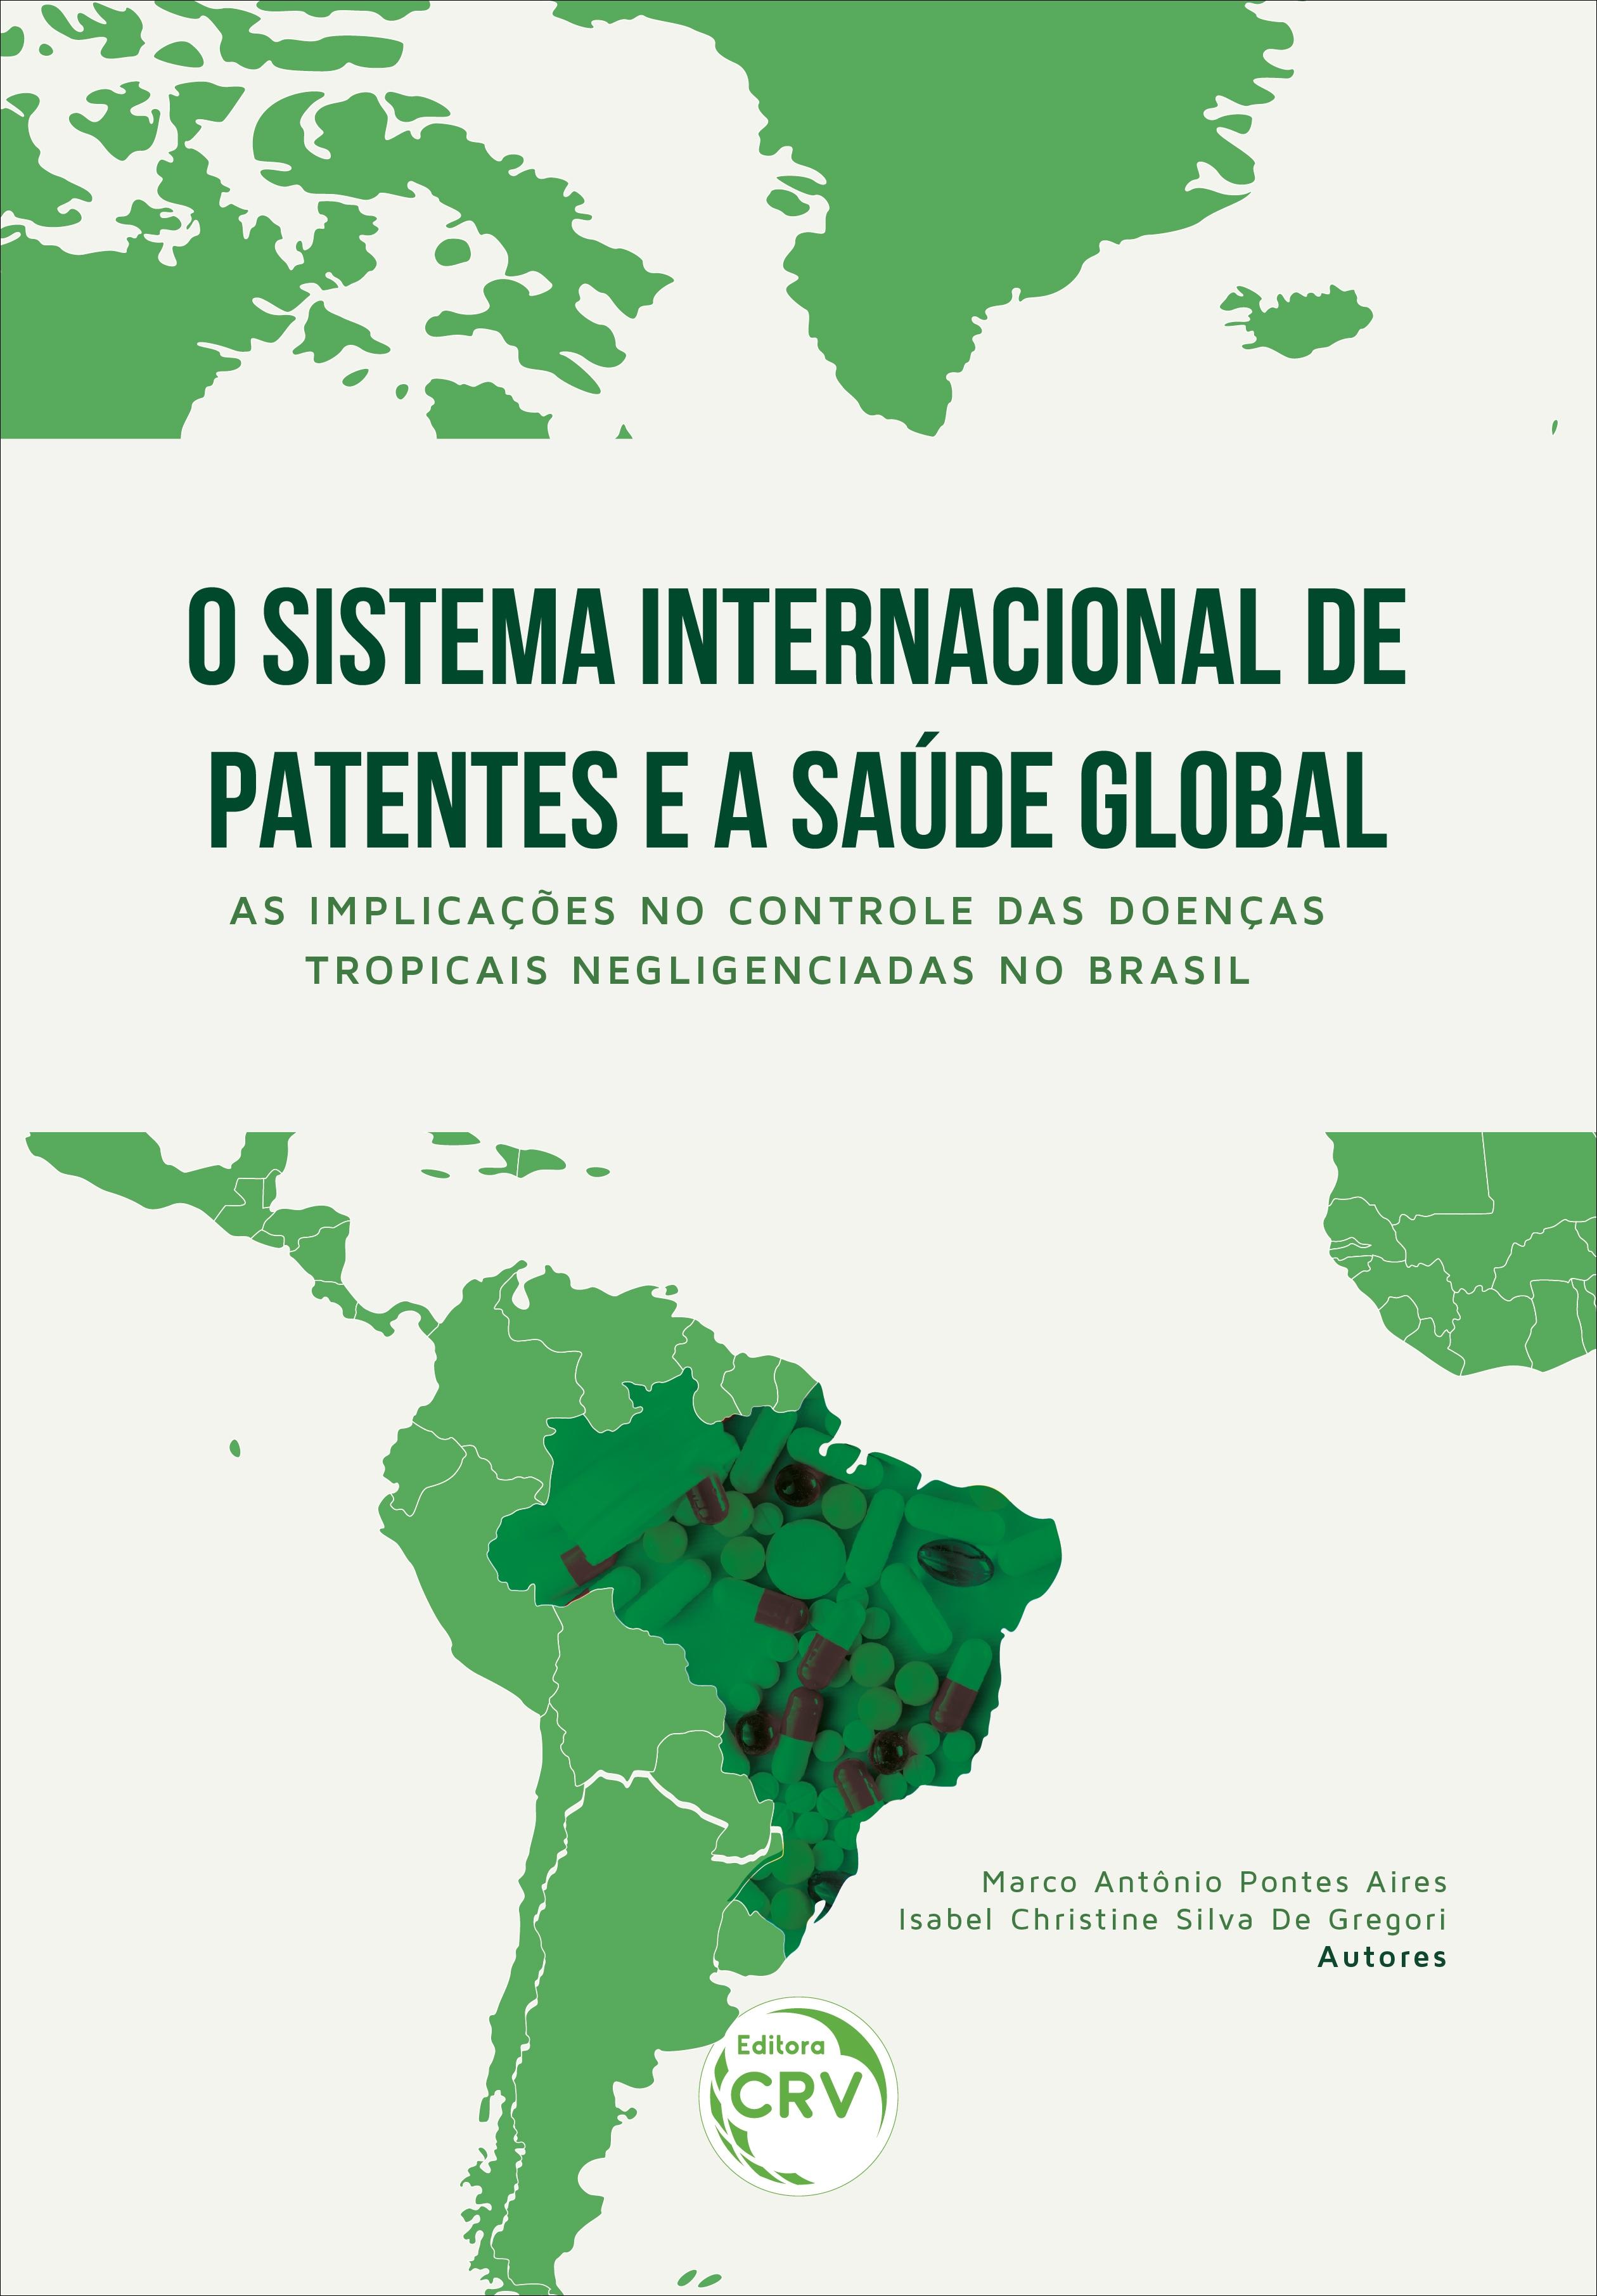 Capa do livro: O SISTEMA INTERNACIONAL DE PATENTES E A SAÚDE GLOBAL: <br>as implicações no controle das doenças tropicais negligenciadas no Brasil